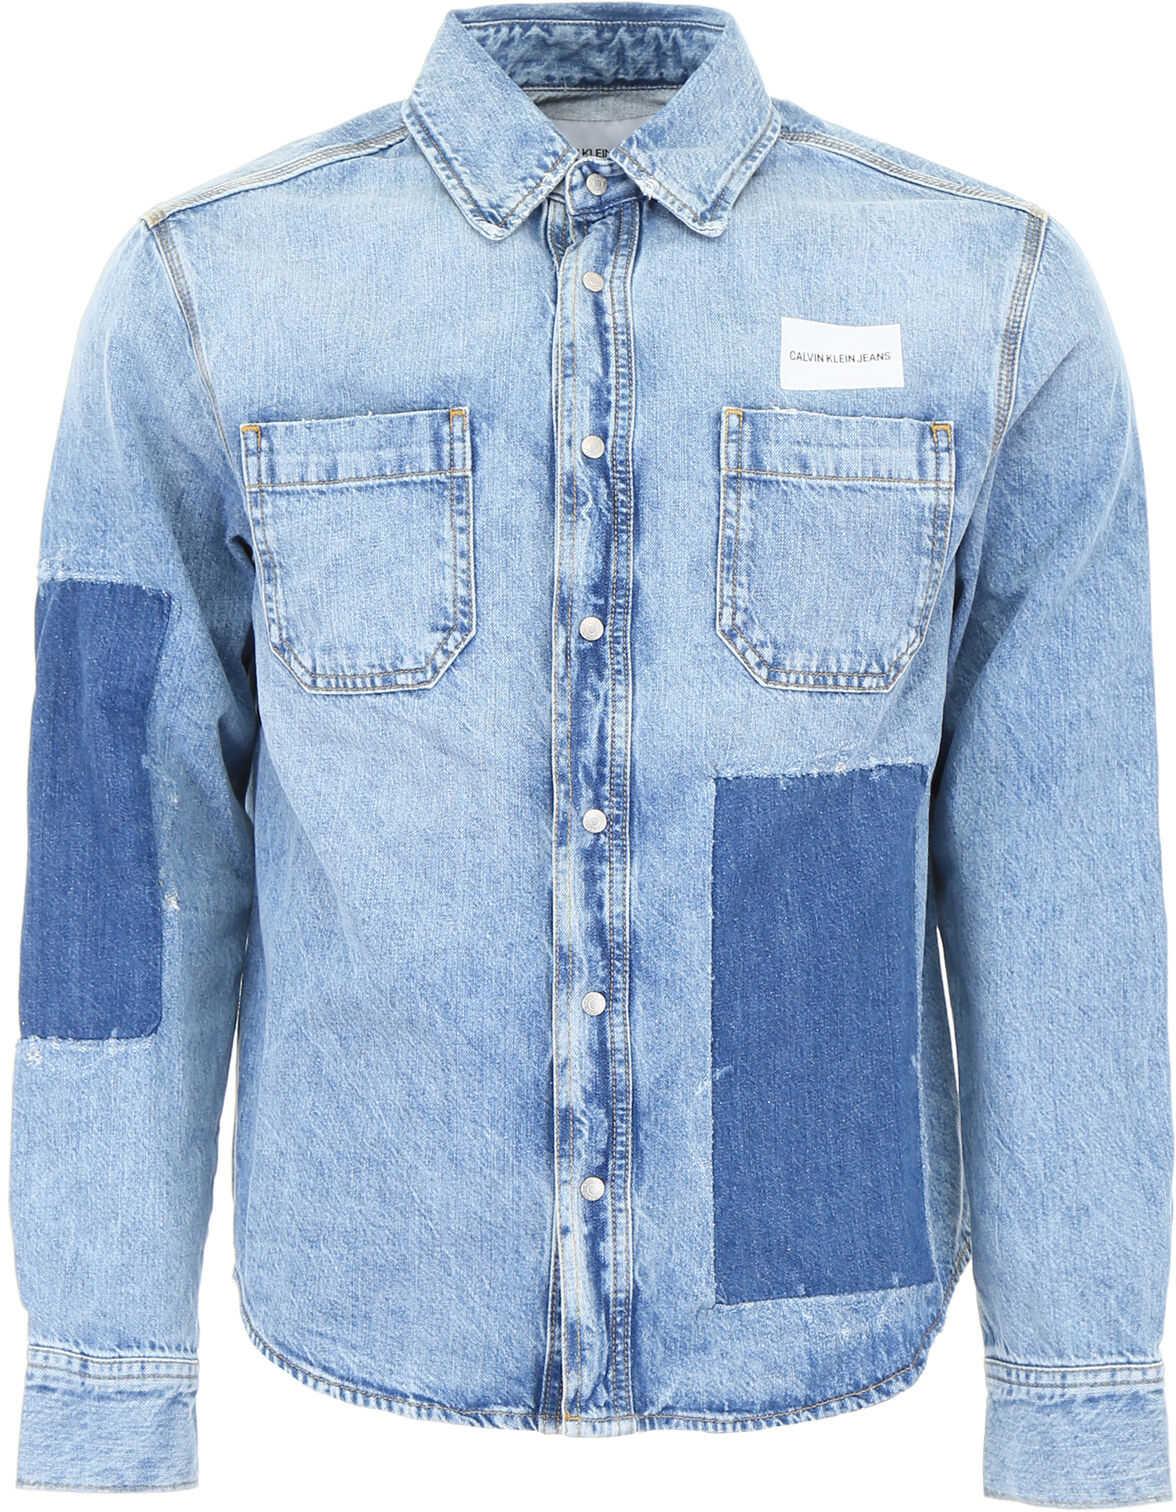 Calvin Klein Jeans Patchwork Denim Shirt NIKKI BLUE